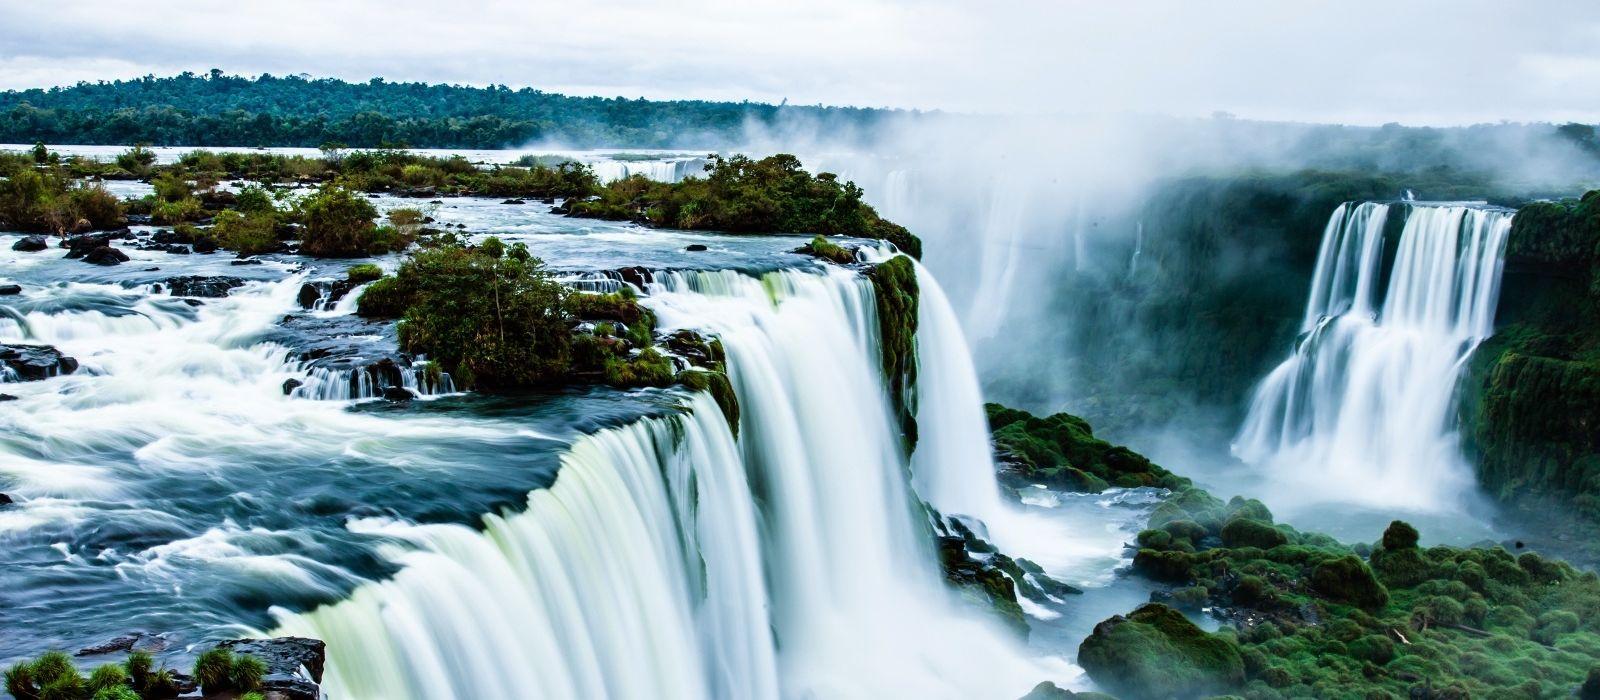 Brazil Tours & Trips